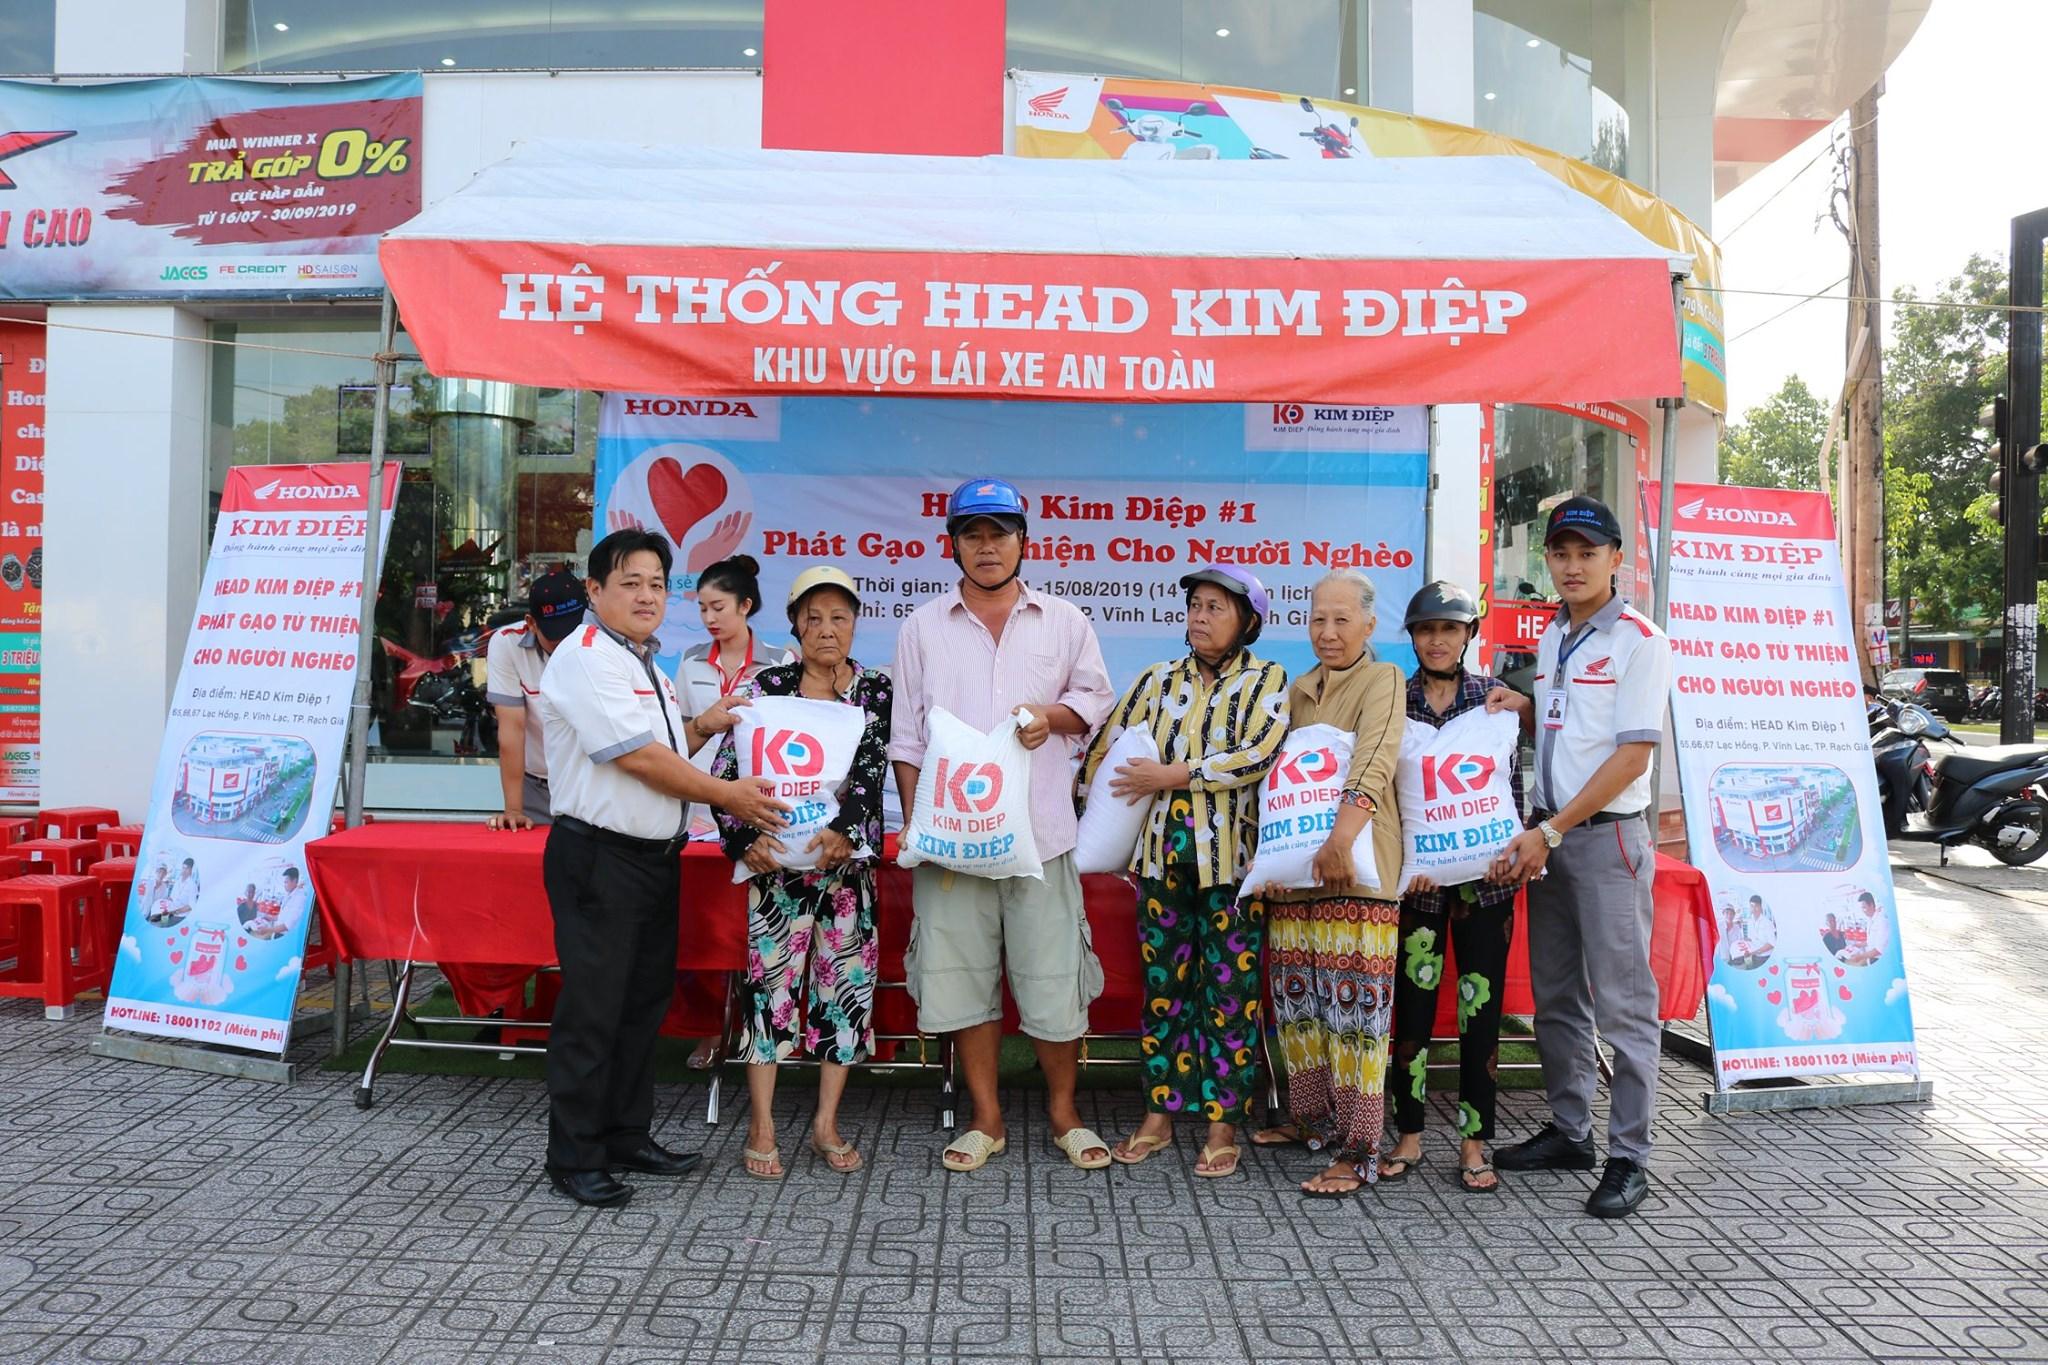 Công ty Kim Điệp phát gạo từ thiện cho người nghèo nhân ngày Vu Lan báo hiếu